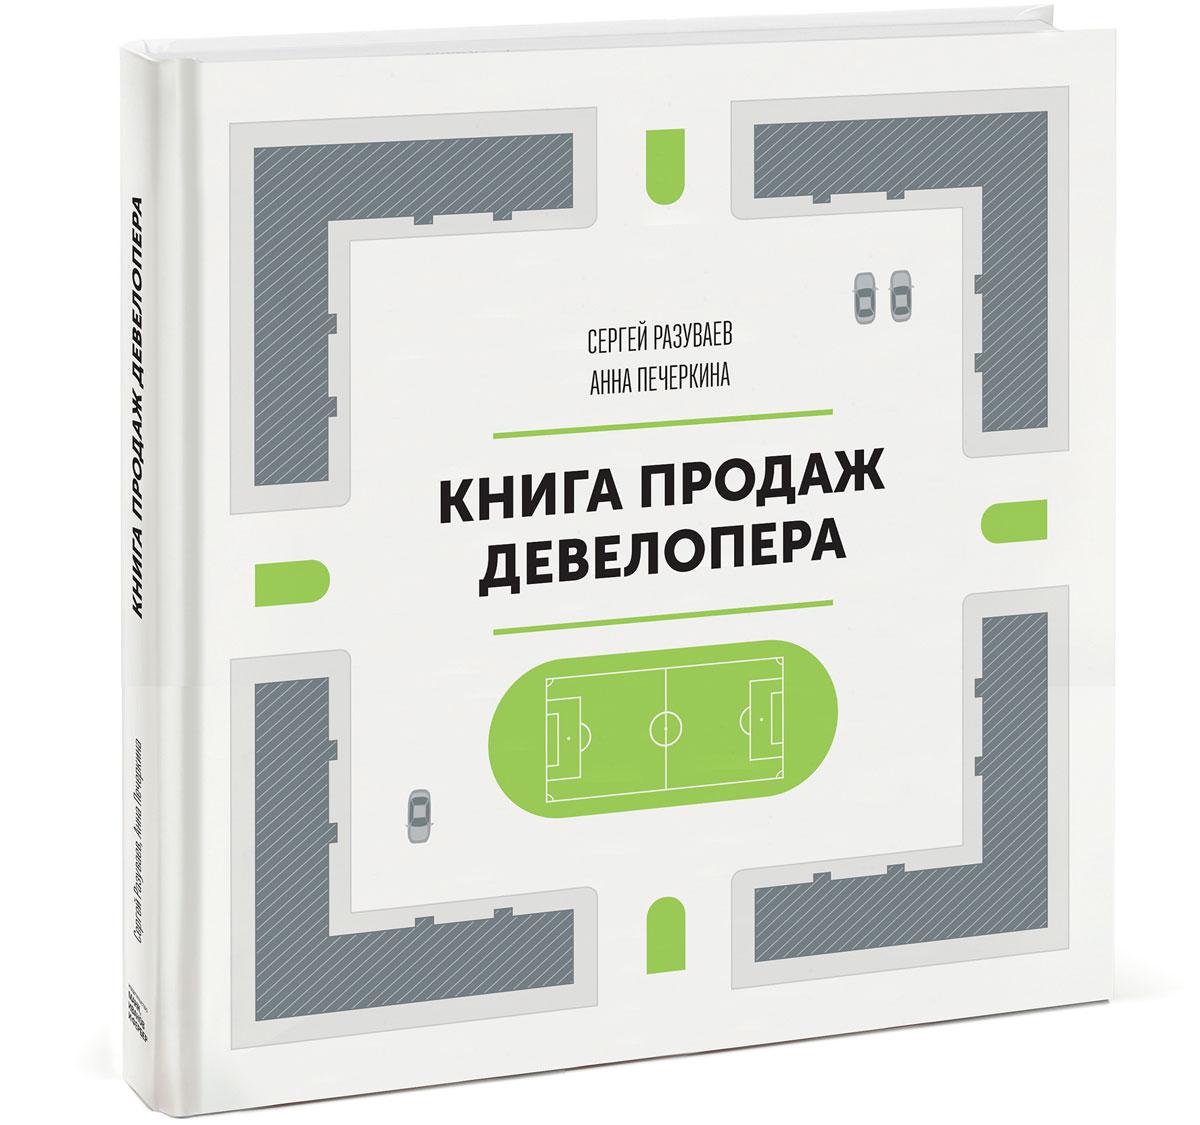 Книга продаж девелопера